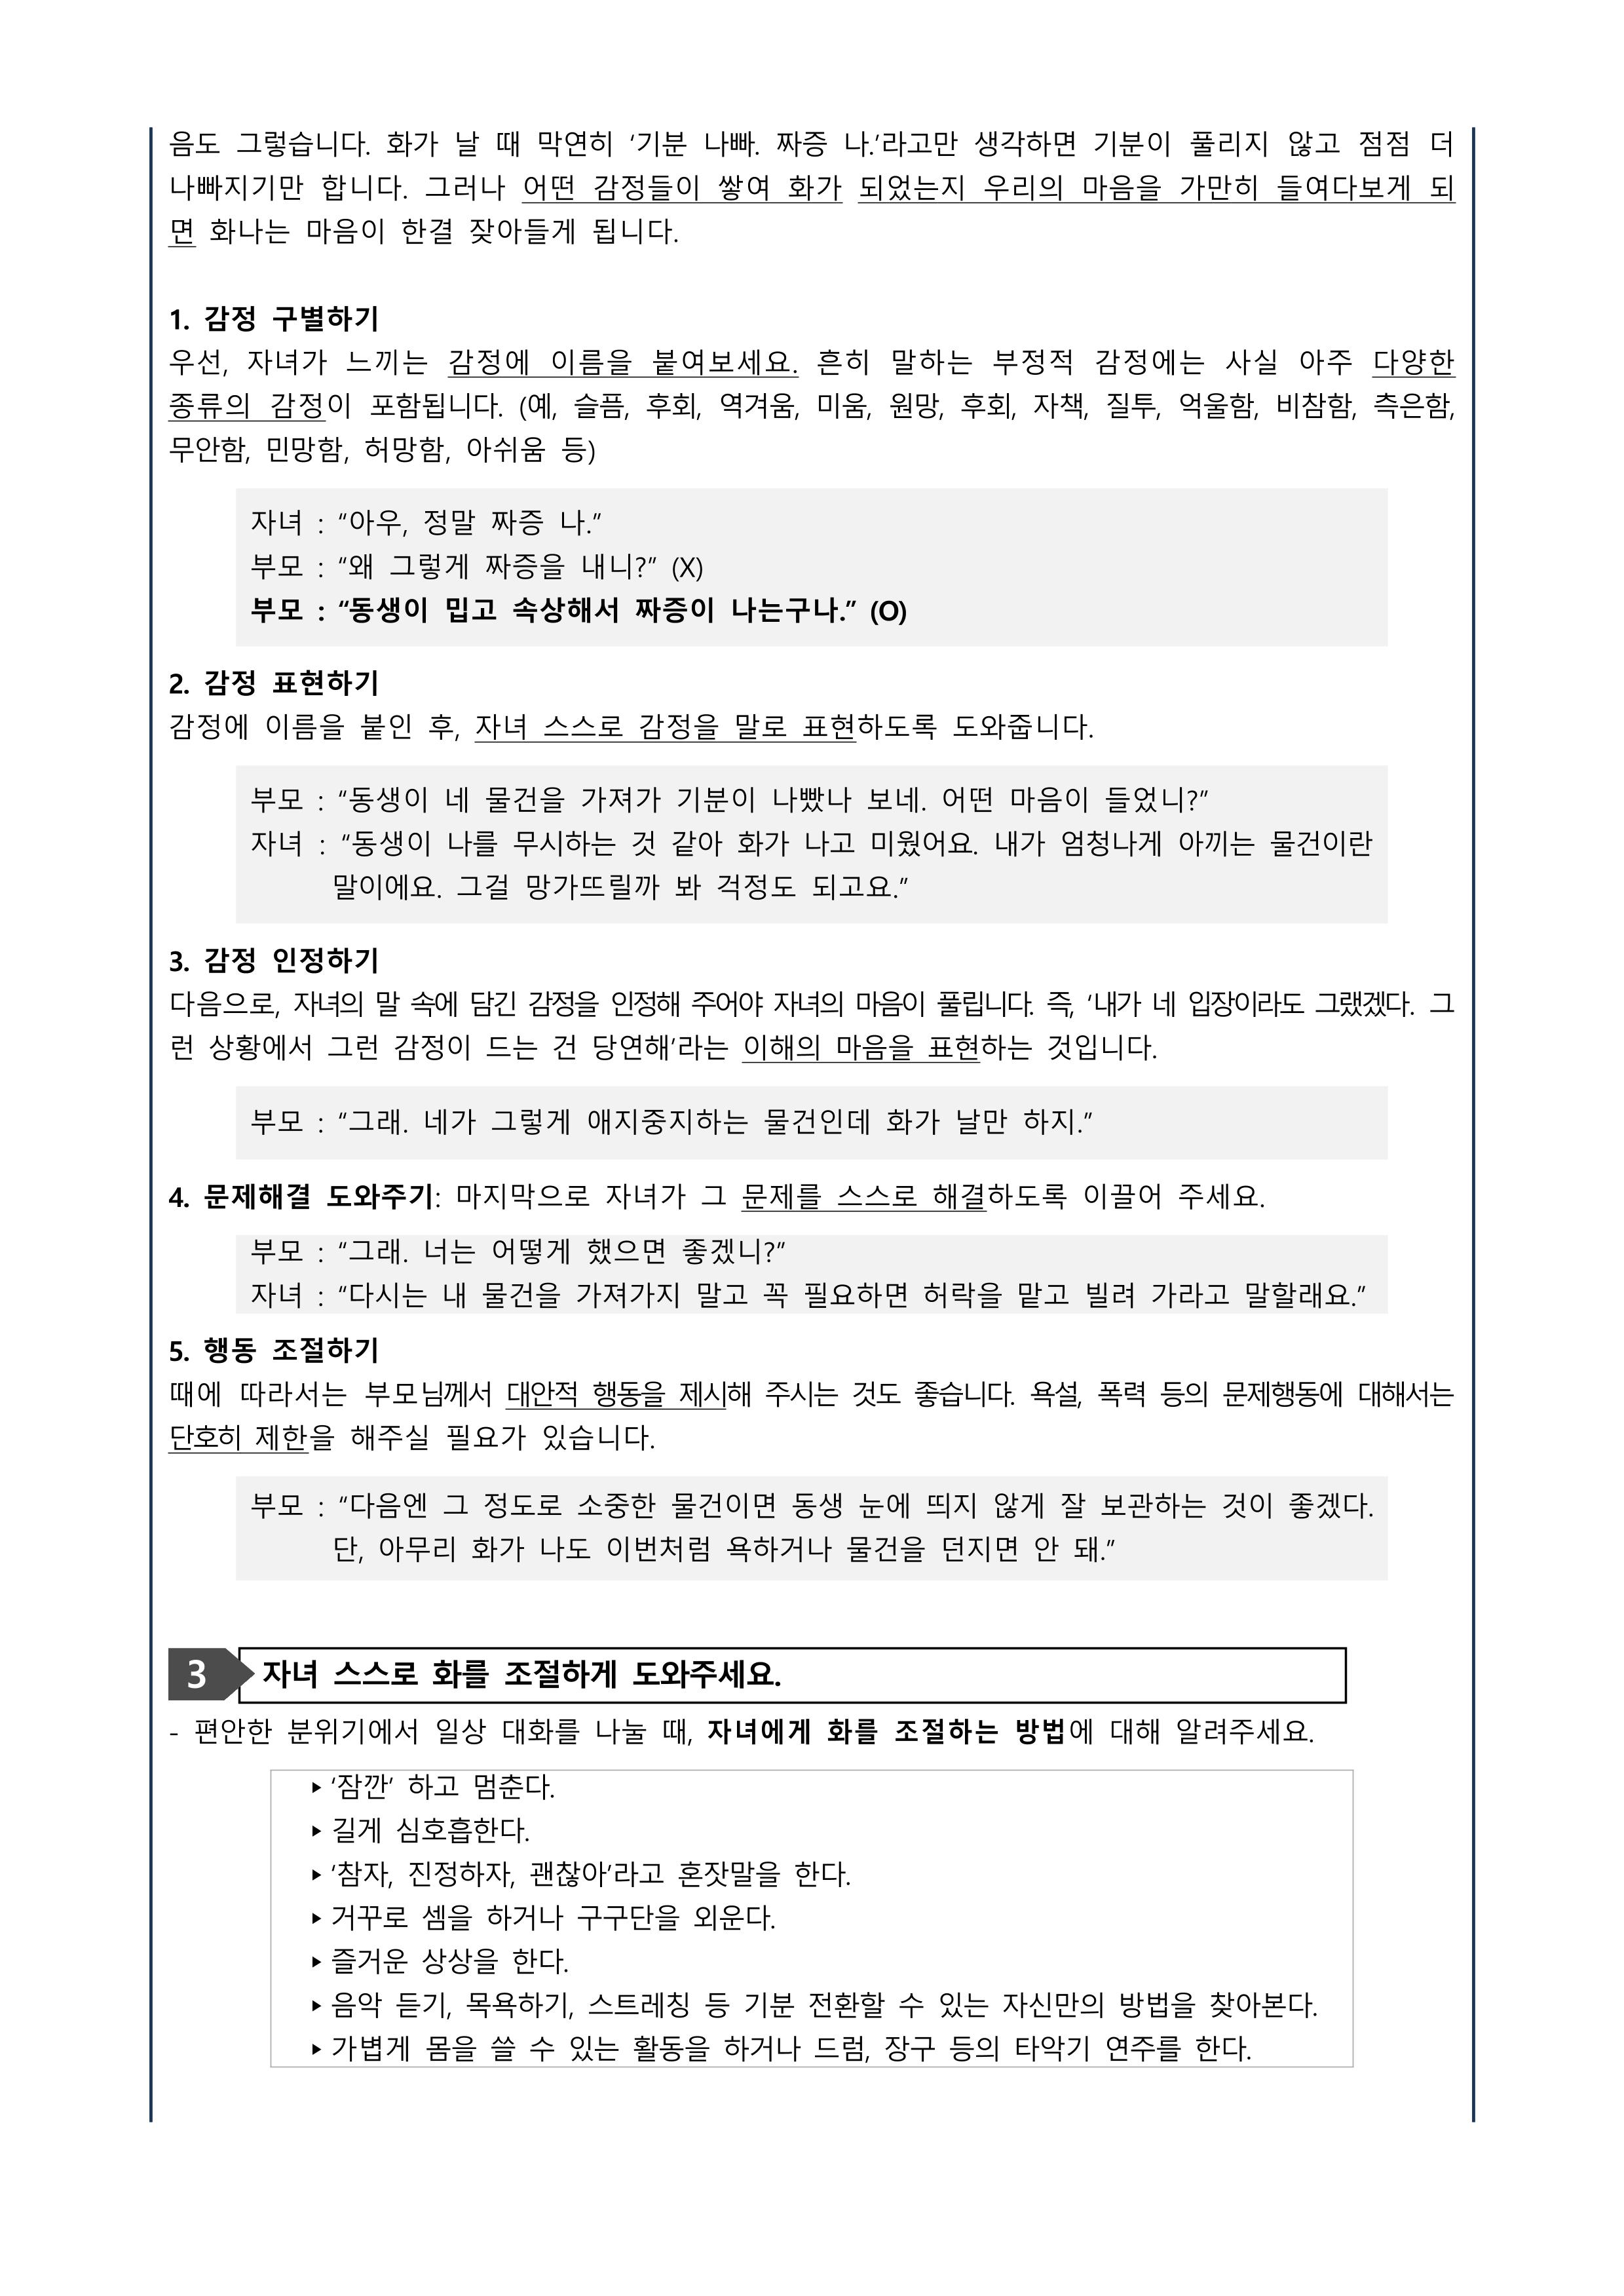 뉴스레터 자녀사랑하기 제2020-10호 가정통신문 2Page.